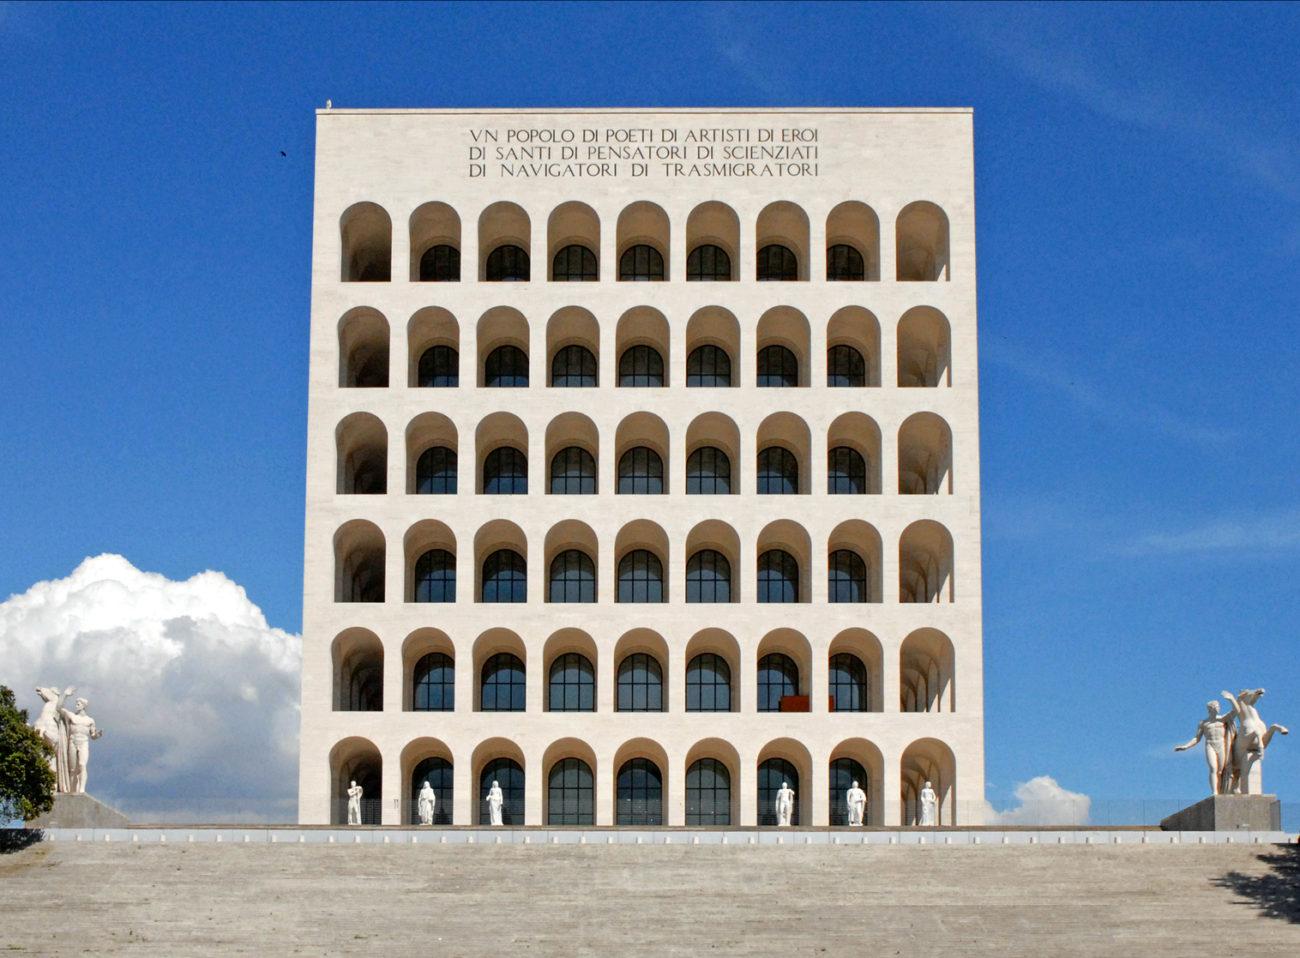 Esposizione Universale Roma